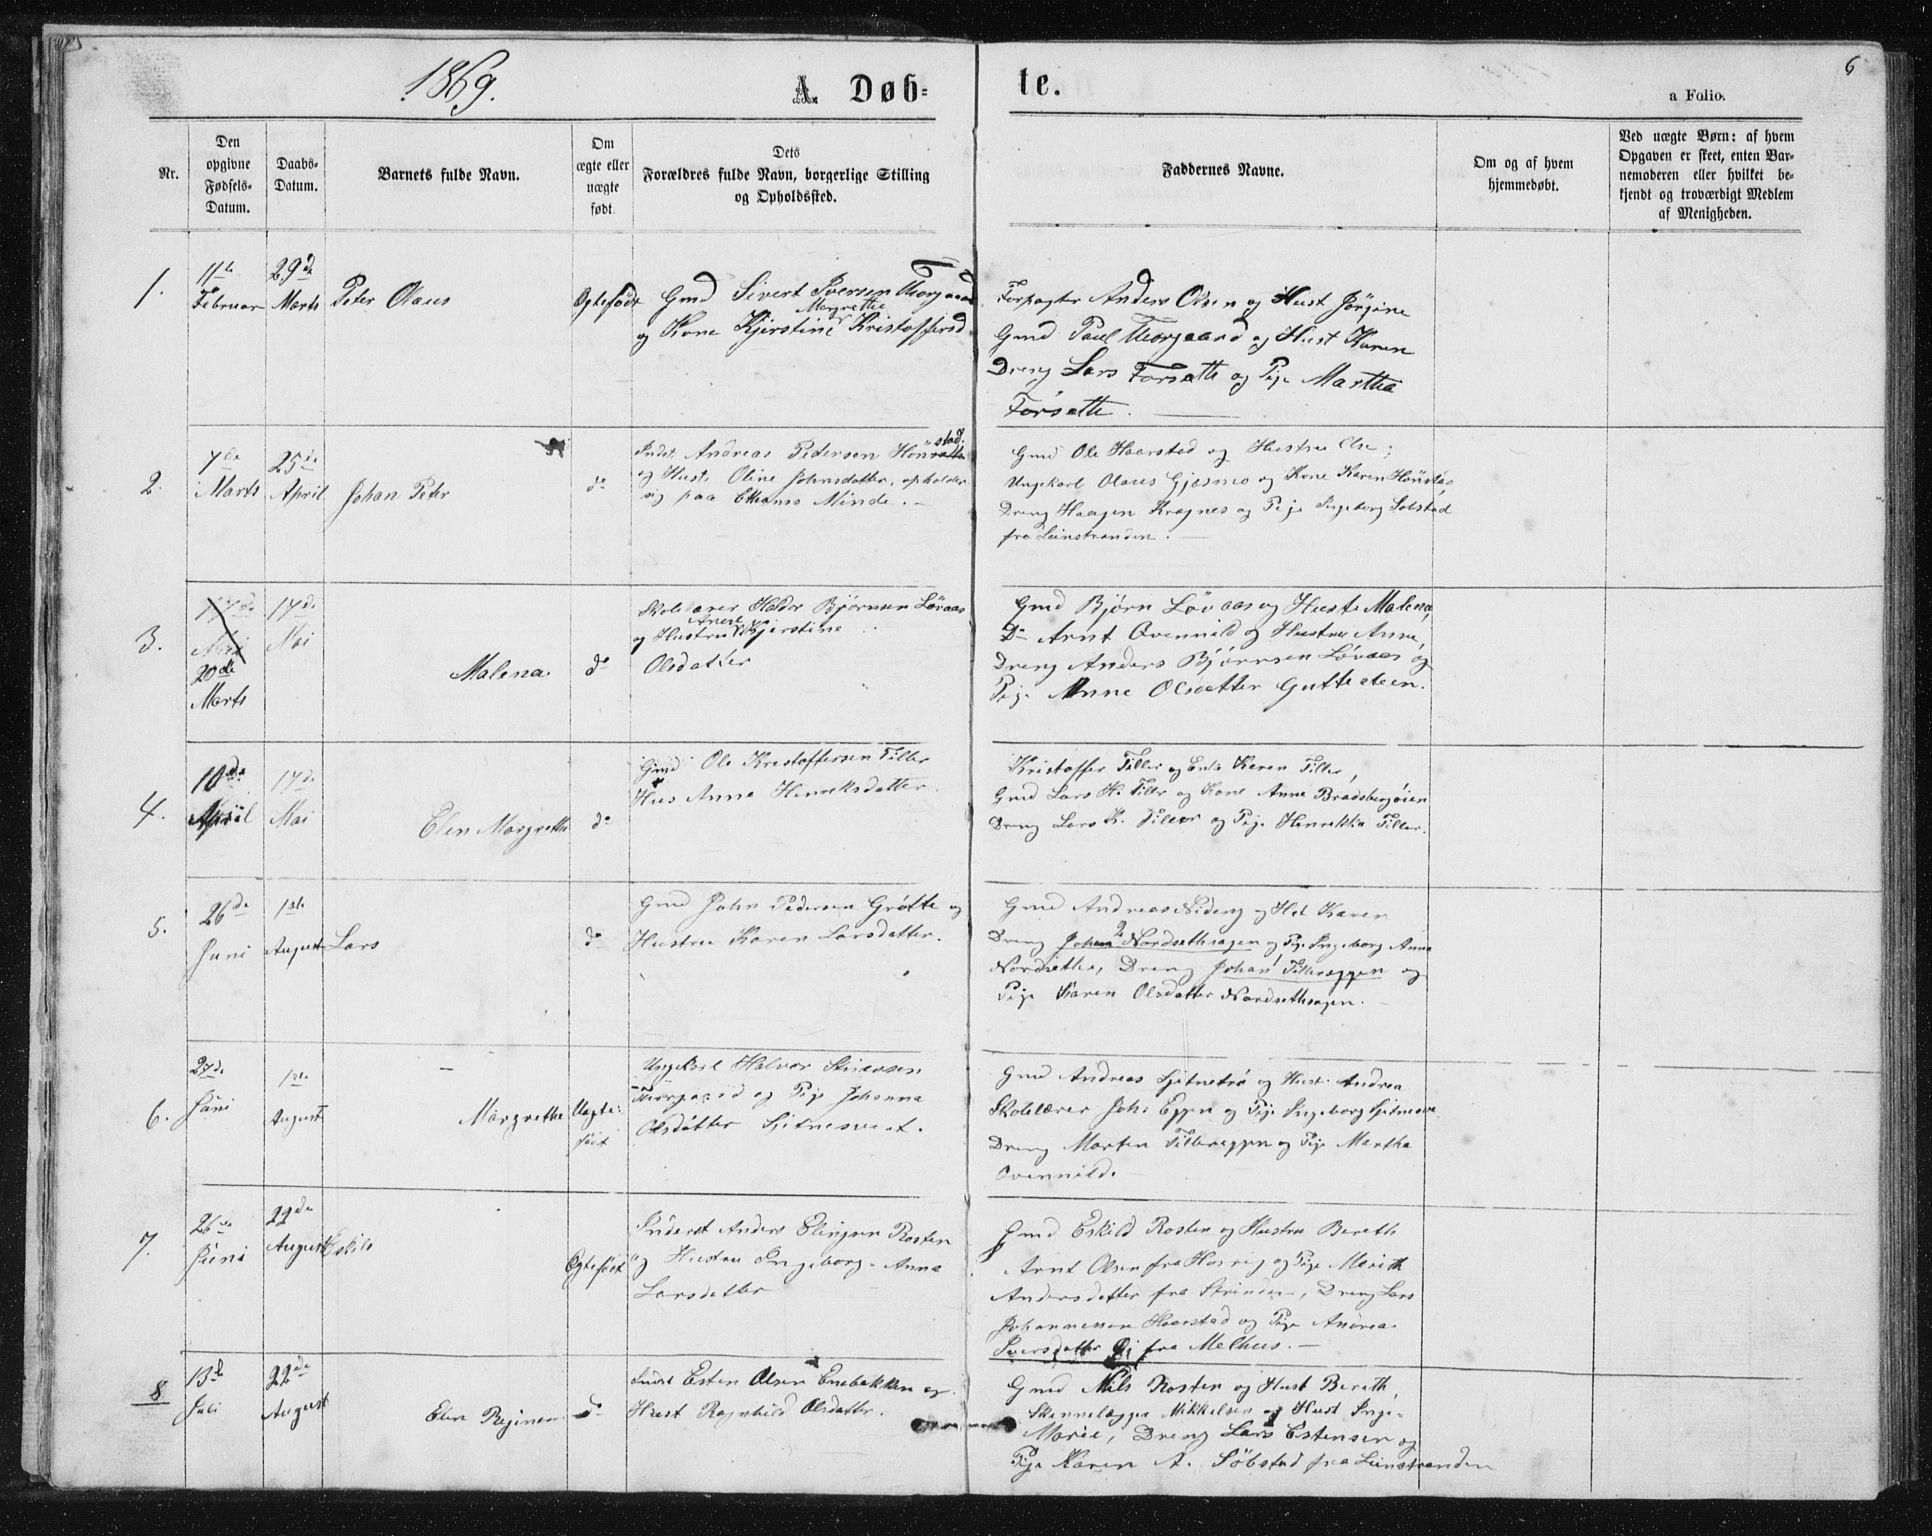 SAT, Ministerialprotokoller, klokkerbøker og fødselsregistre - Sør-Trøndelag, 621/L0459: Klokkerbok nr. 621C02, 1866-1895, s. 6